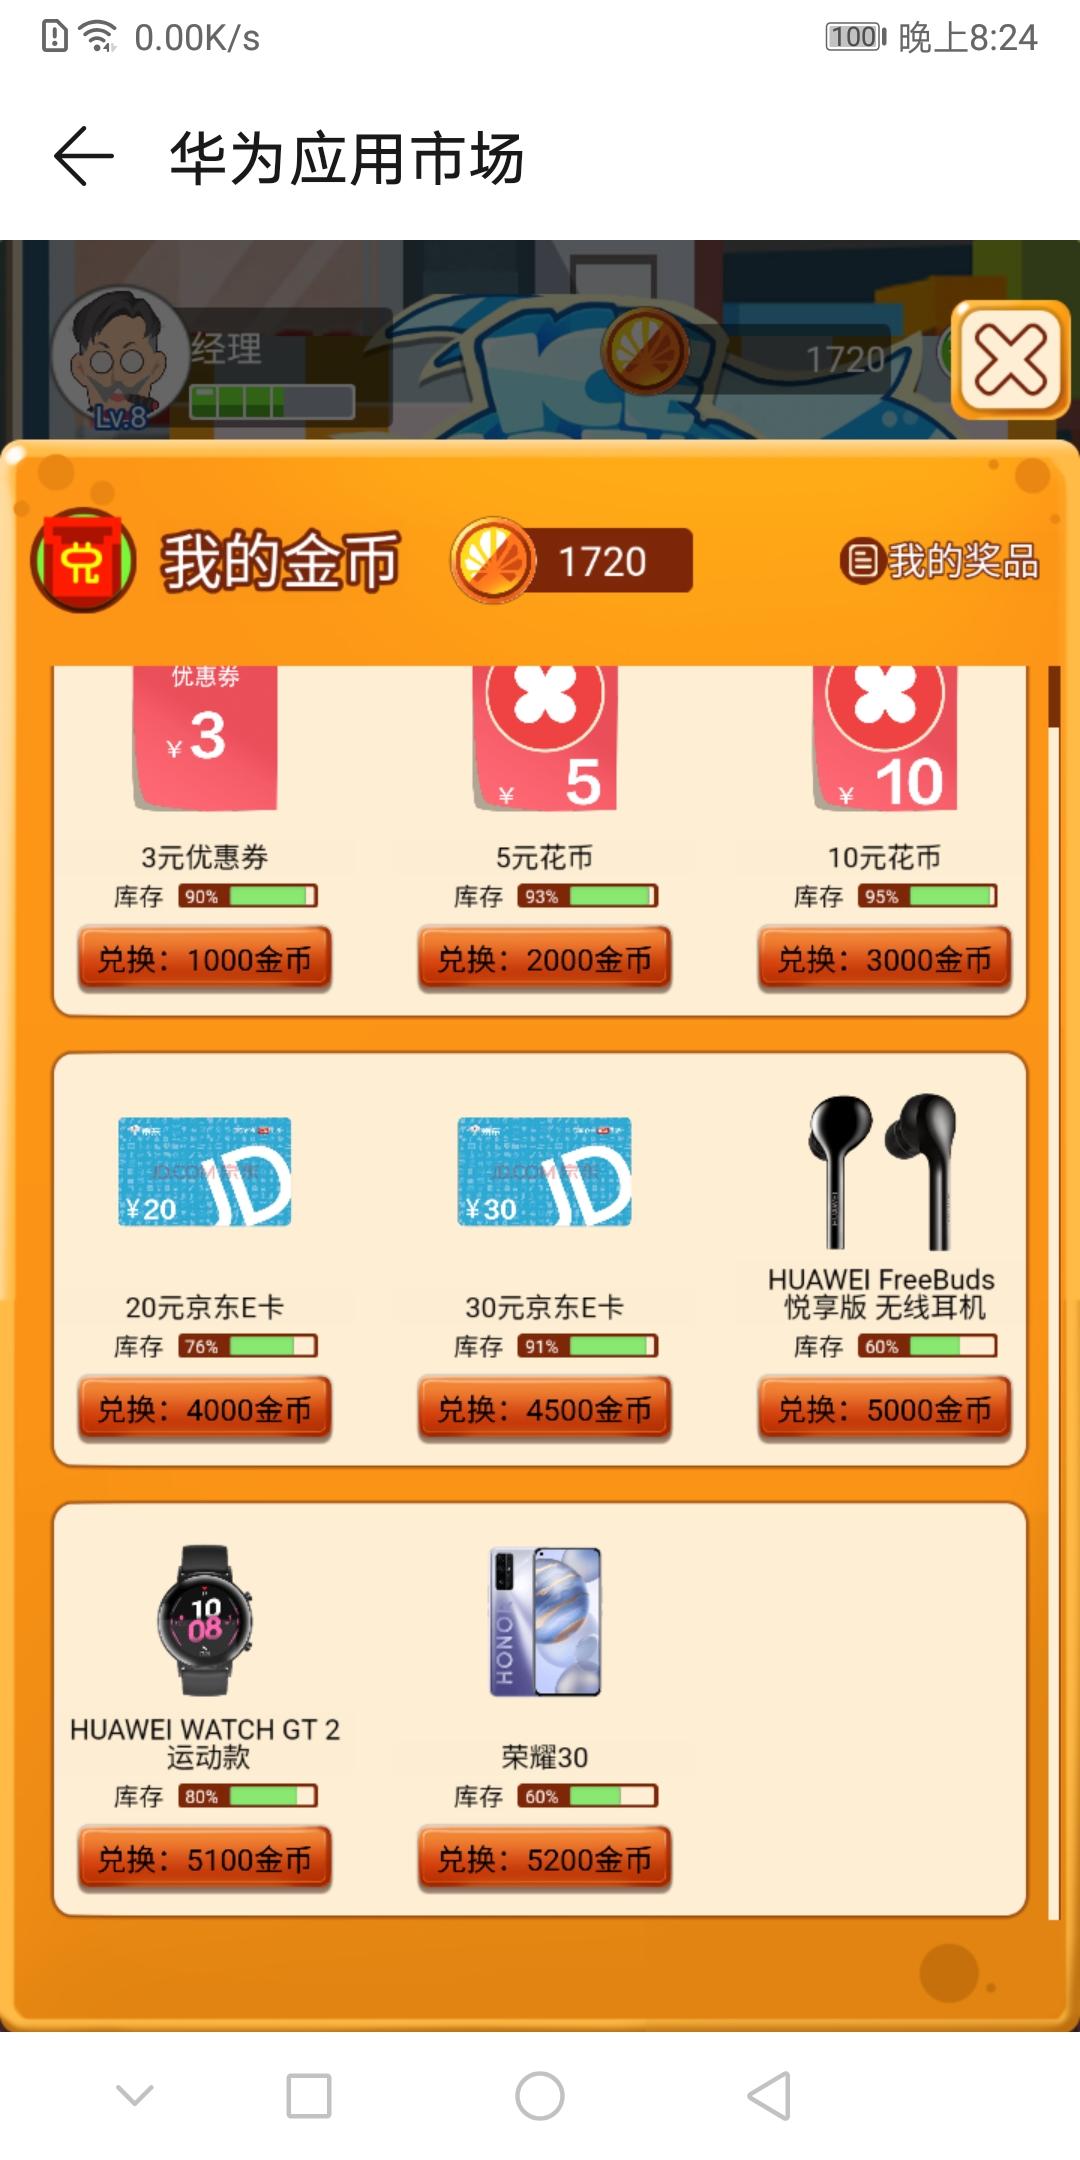 Screenshot_20200515_202444_com.huawei.appmarket.jpg